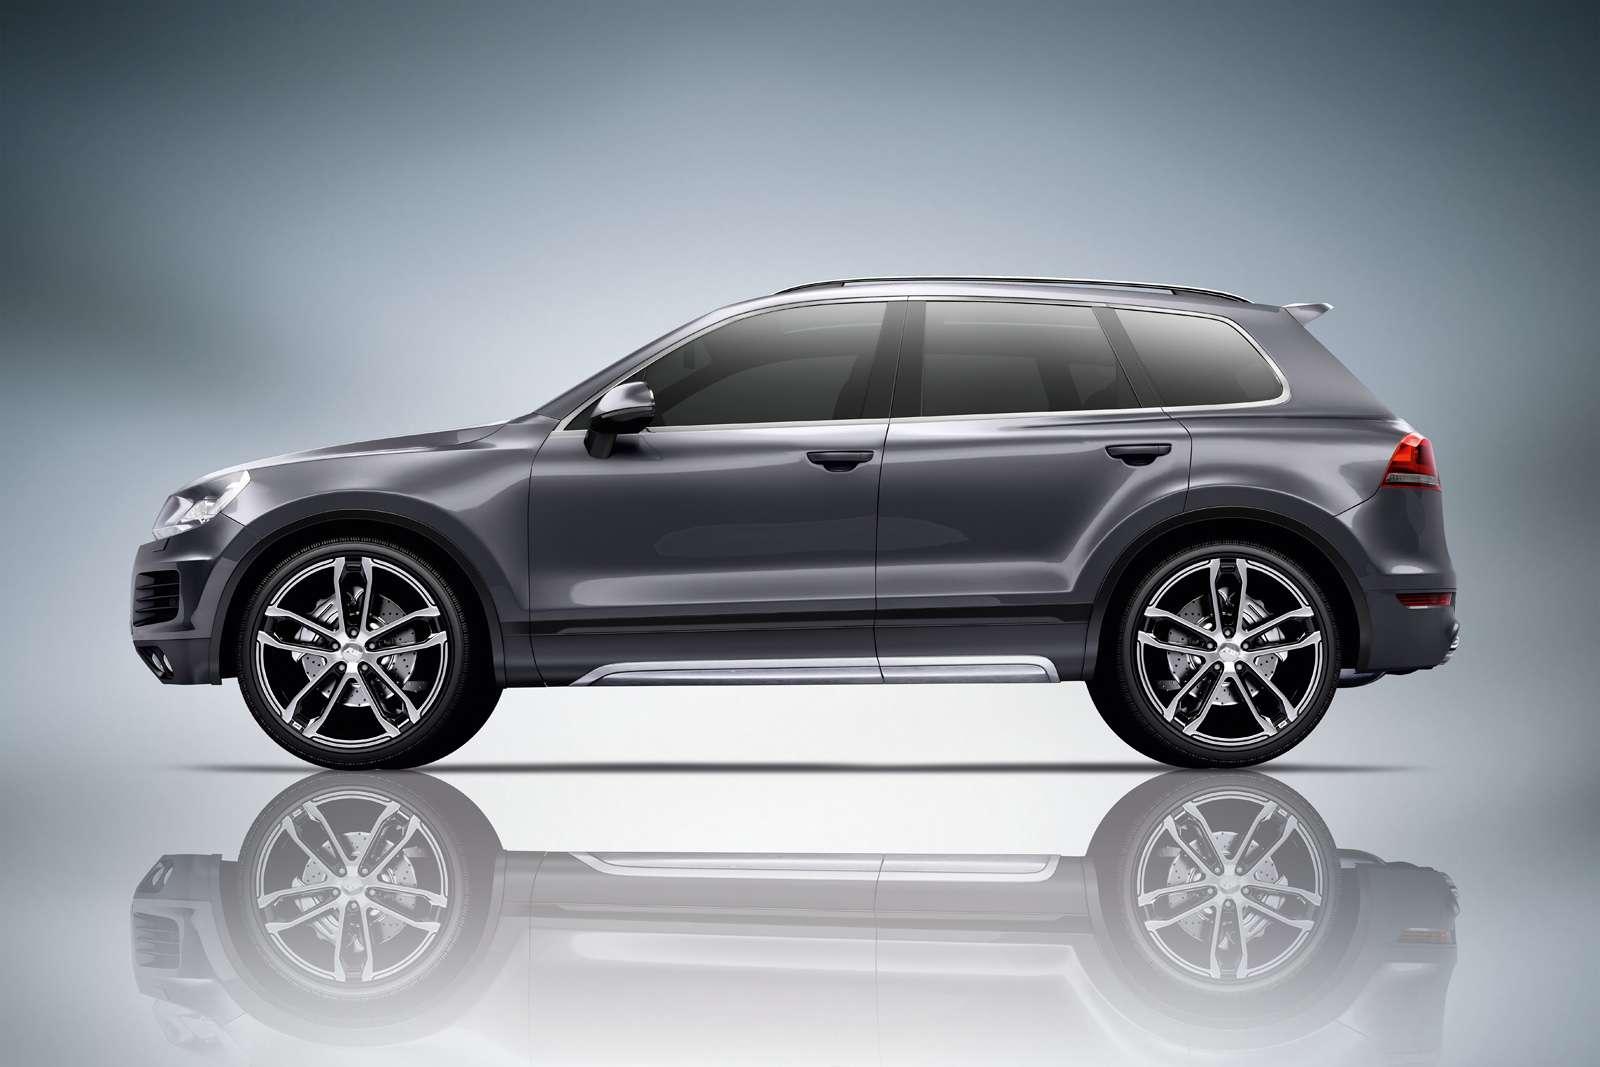 VW Touareg ABT 2010 grudzien 2010